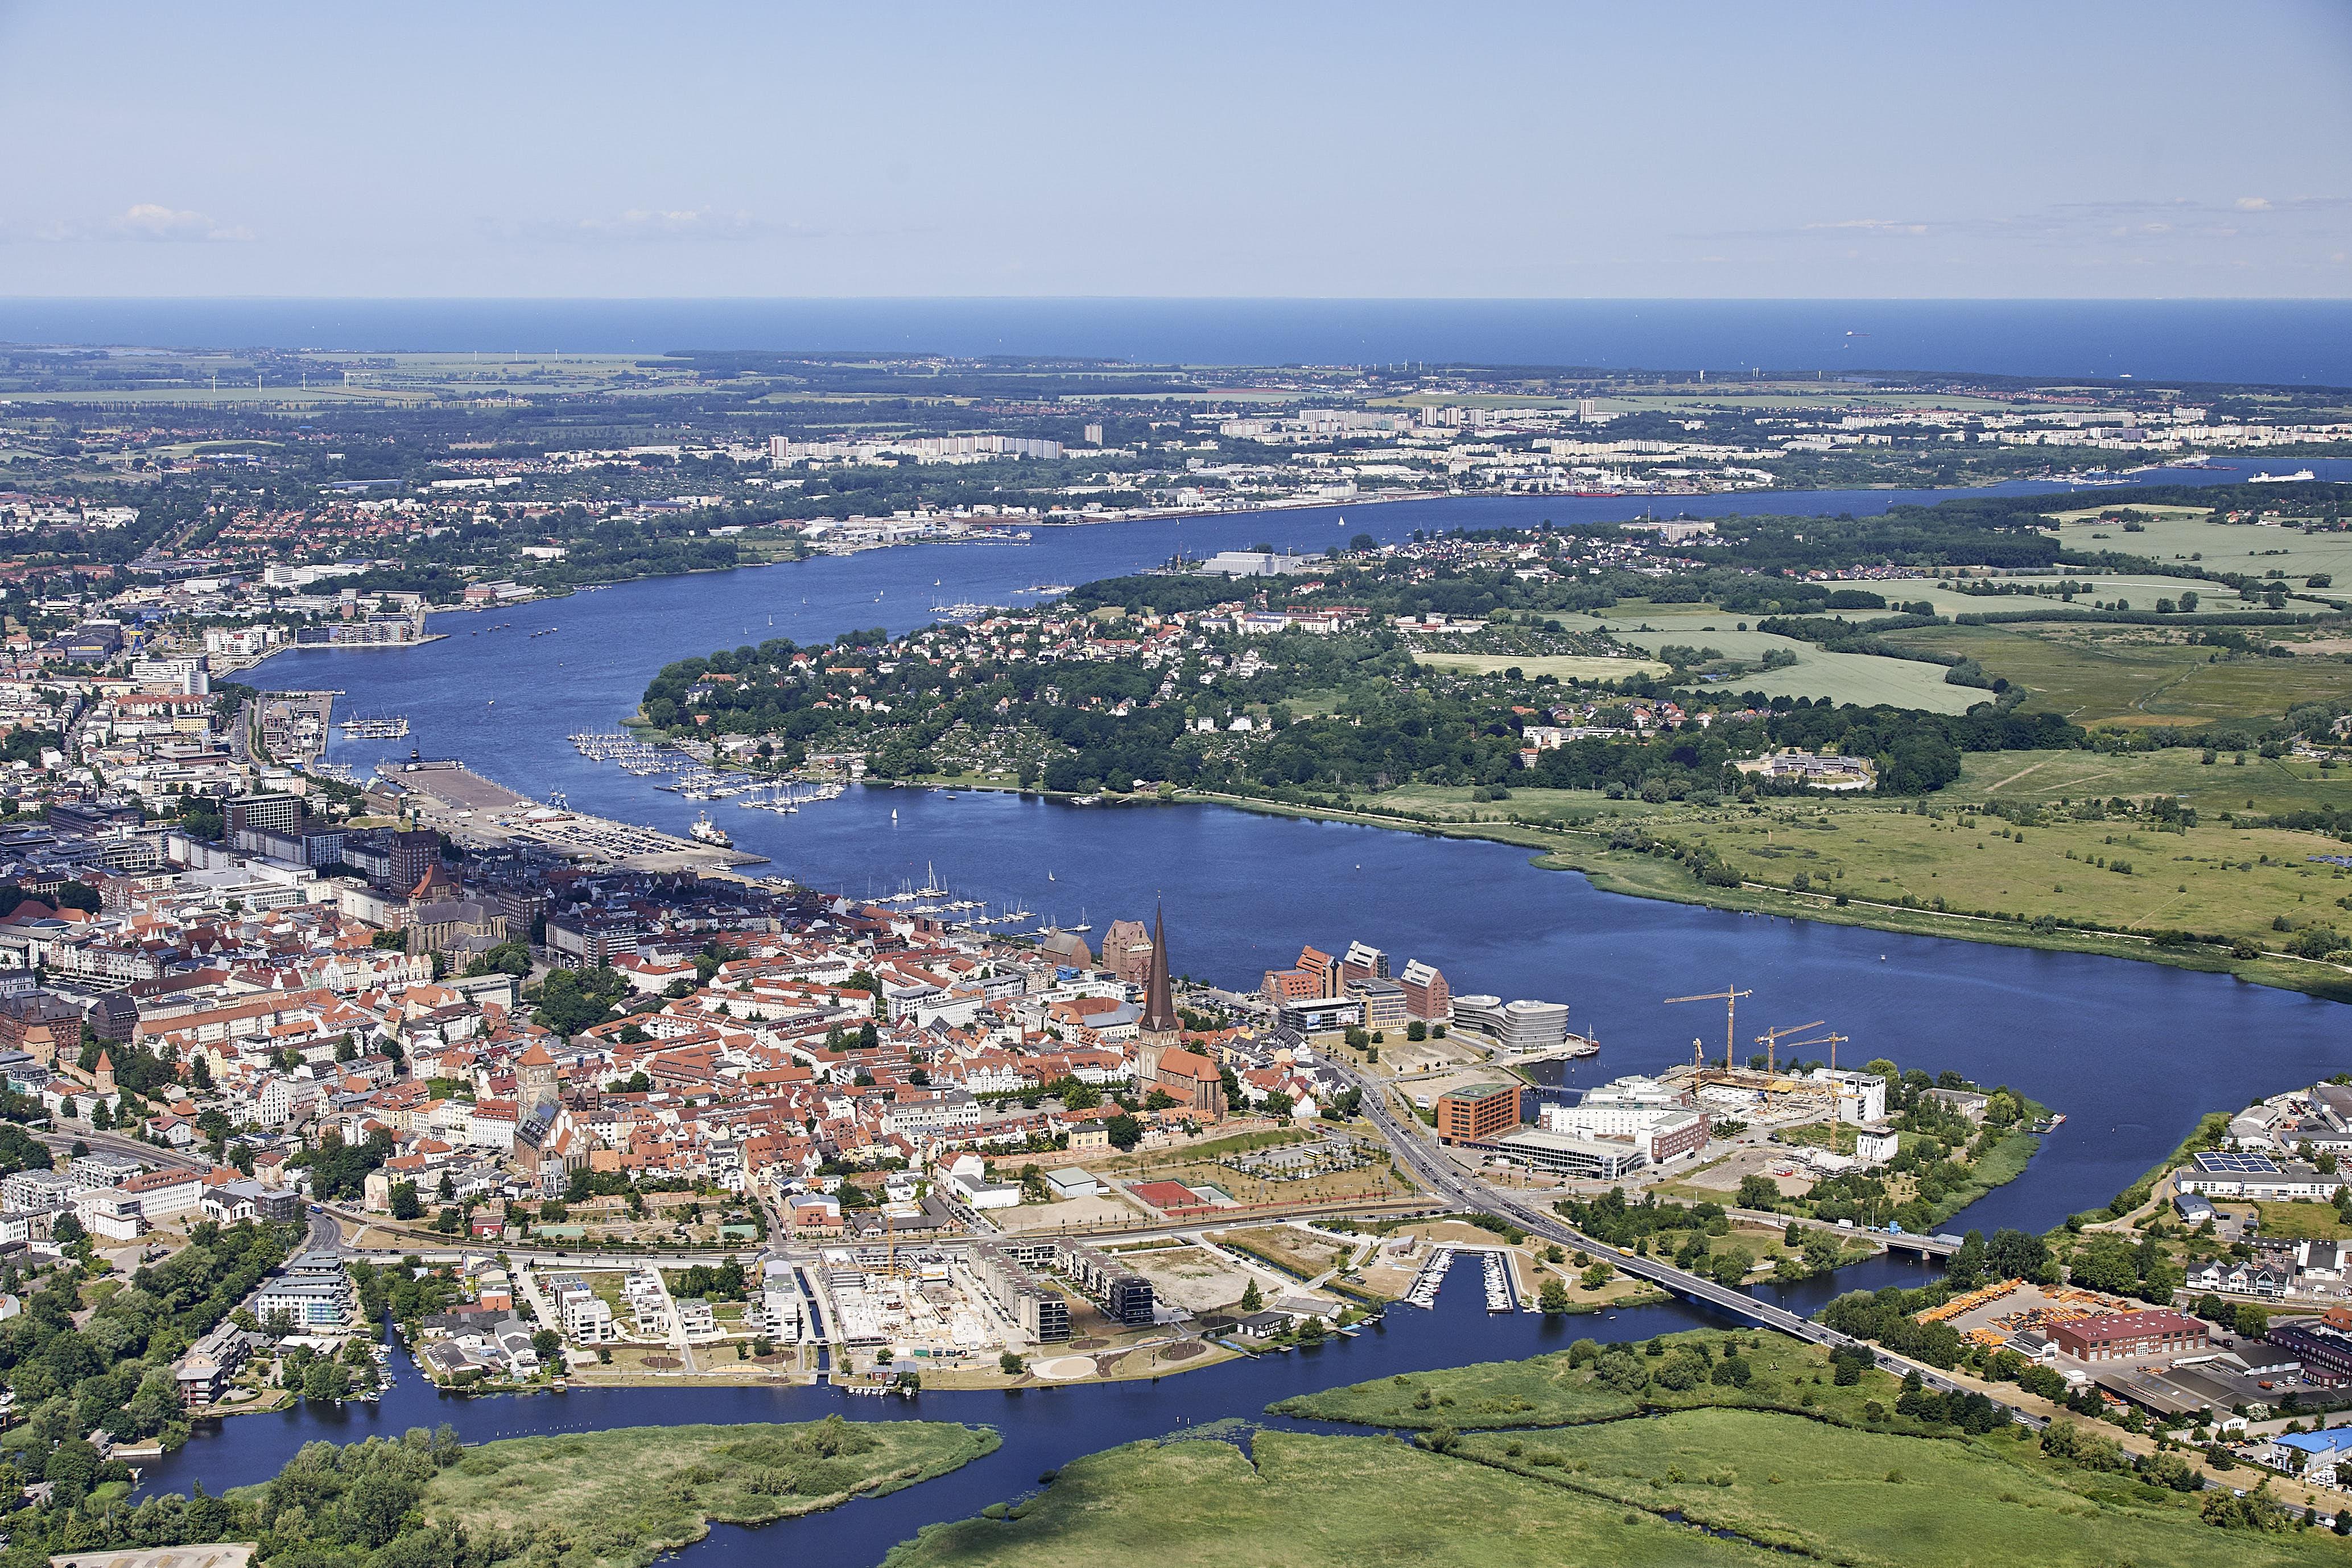 Siedlungsnamen aus dem Slawischen